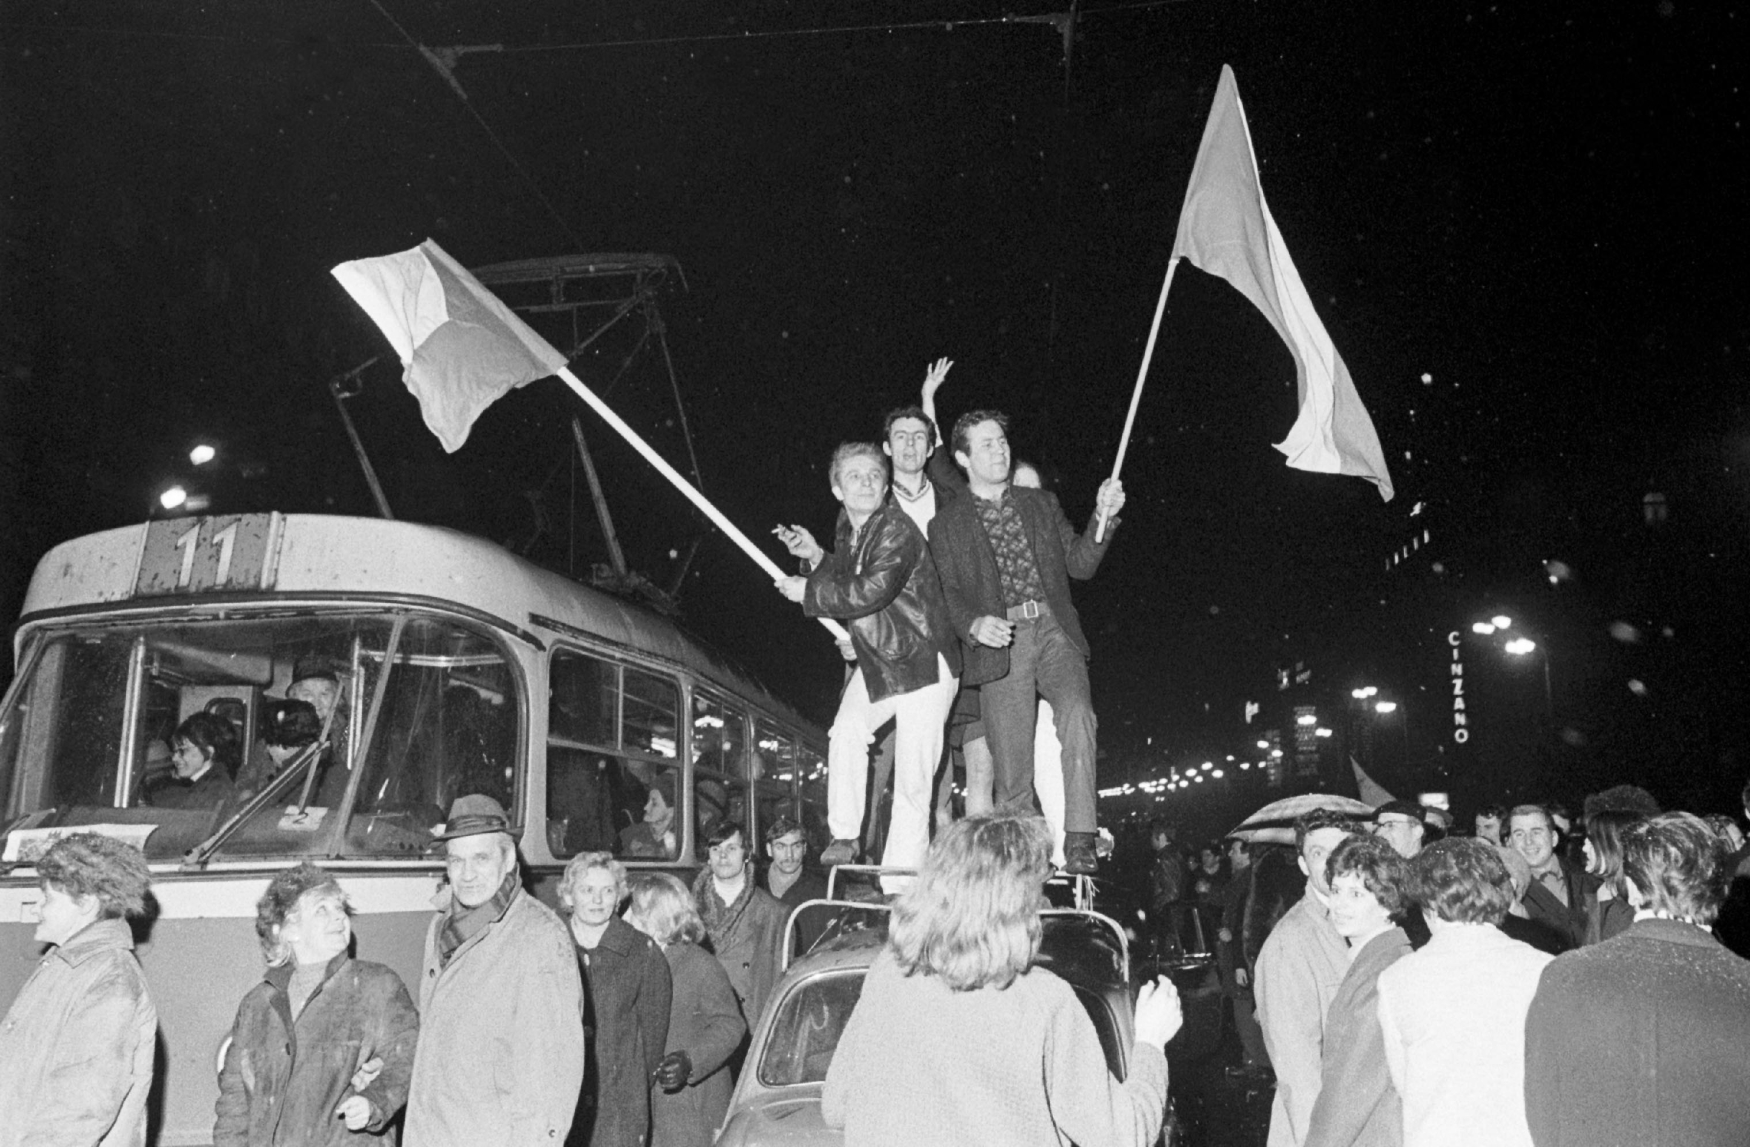 Pražané na Václavském náměstí 28. 3. 1969 během oslav vítězství čs. hokejistů nad týmem Sovětského svazu 4:3 na Mistrovství světa v ledním hokeji ve Stockholmu